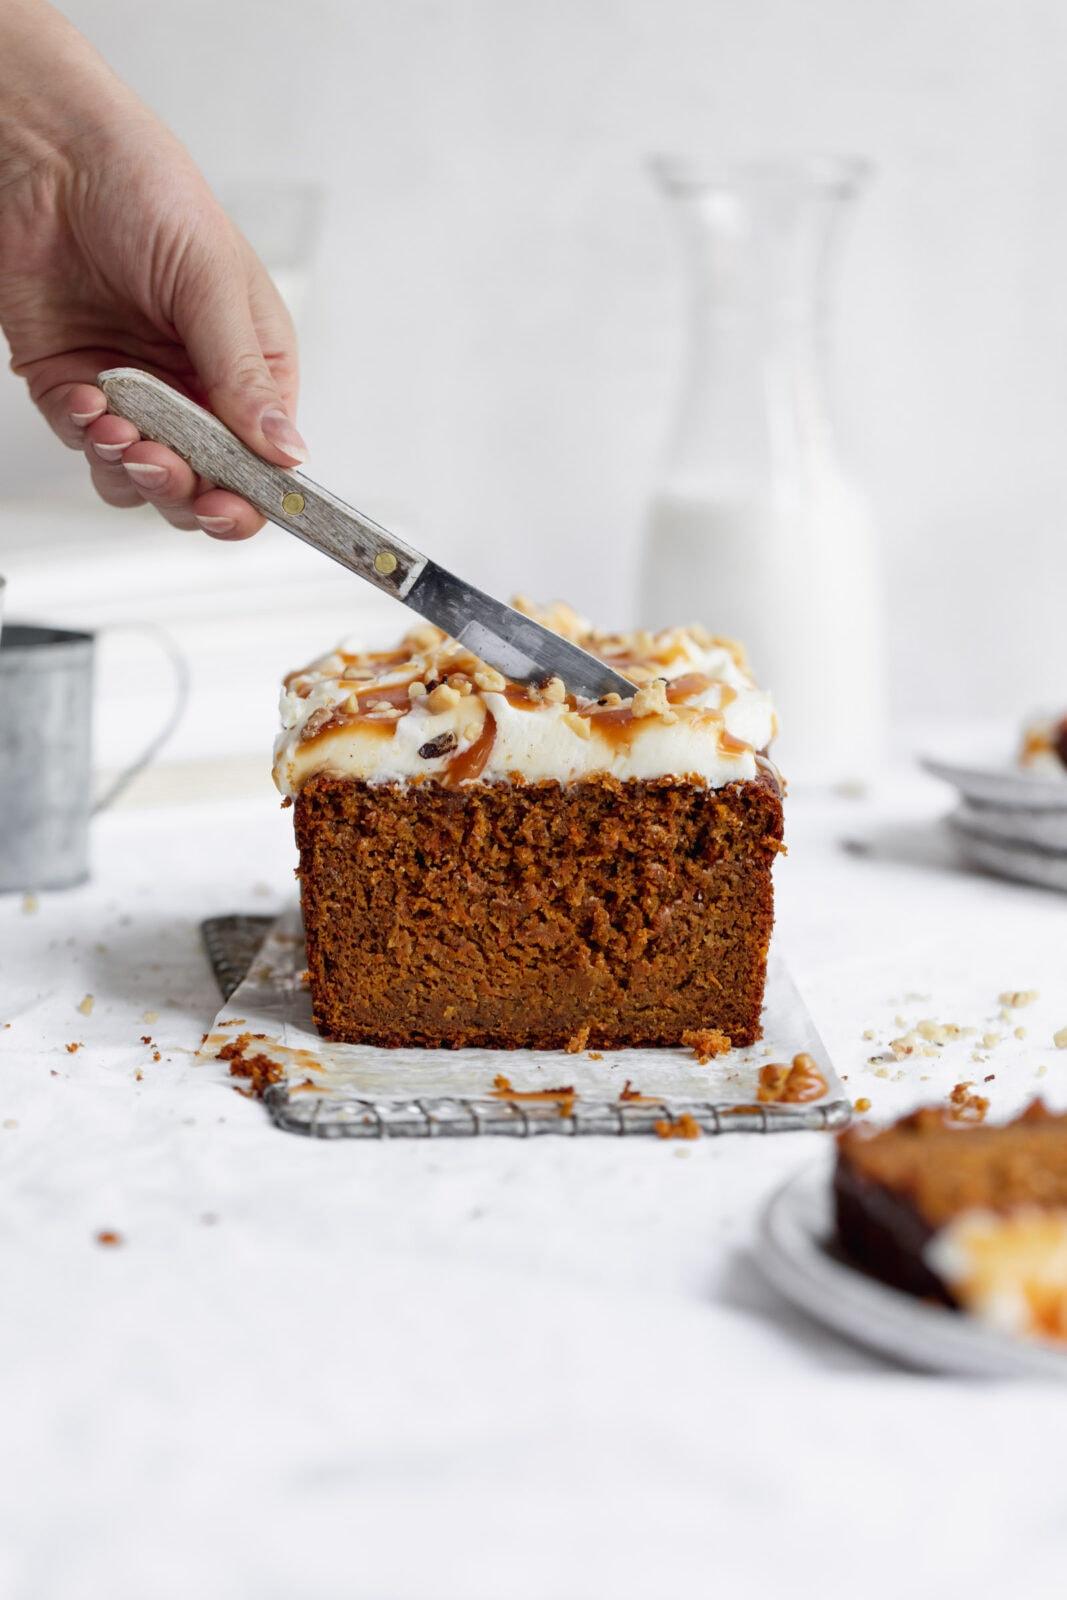 sárgarépa torta kenyér torta krémsajt cukormáz